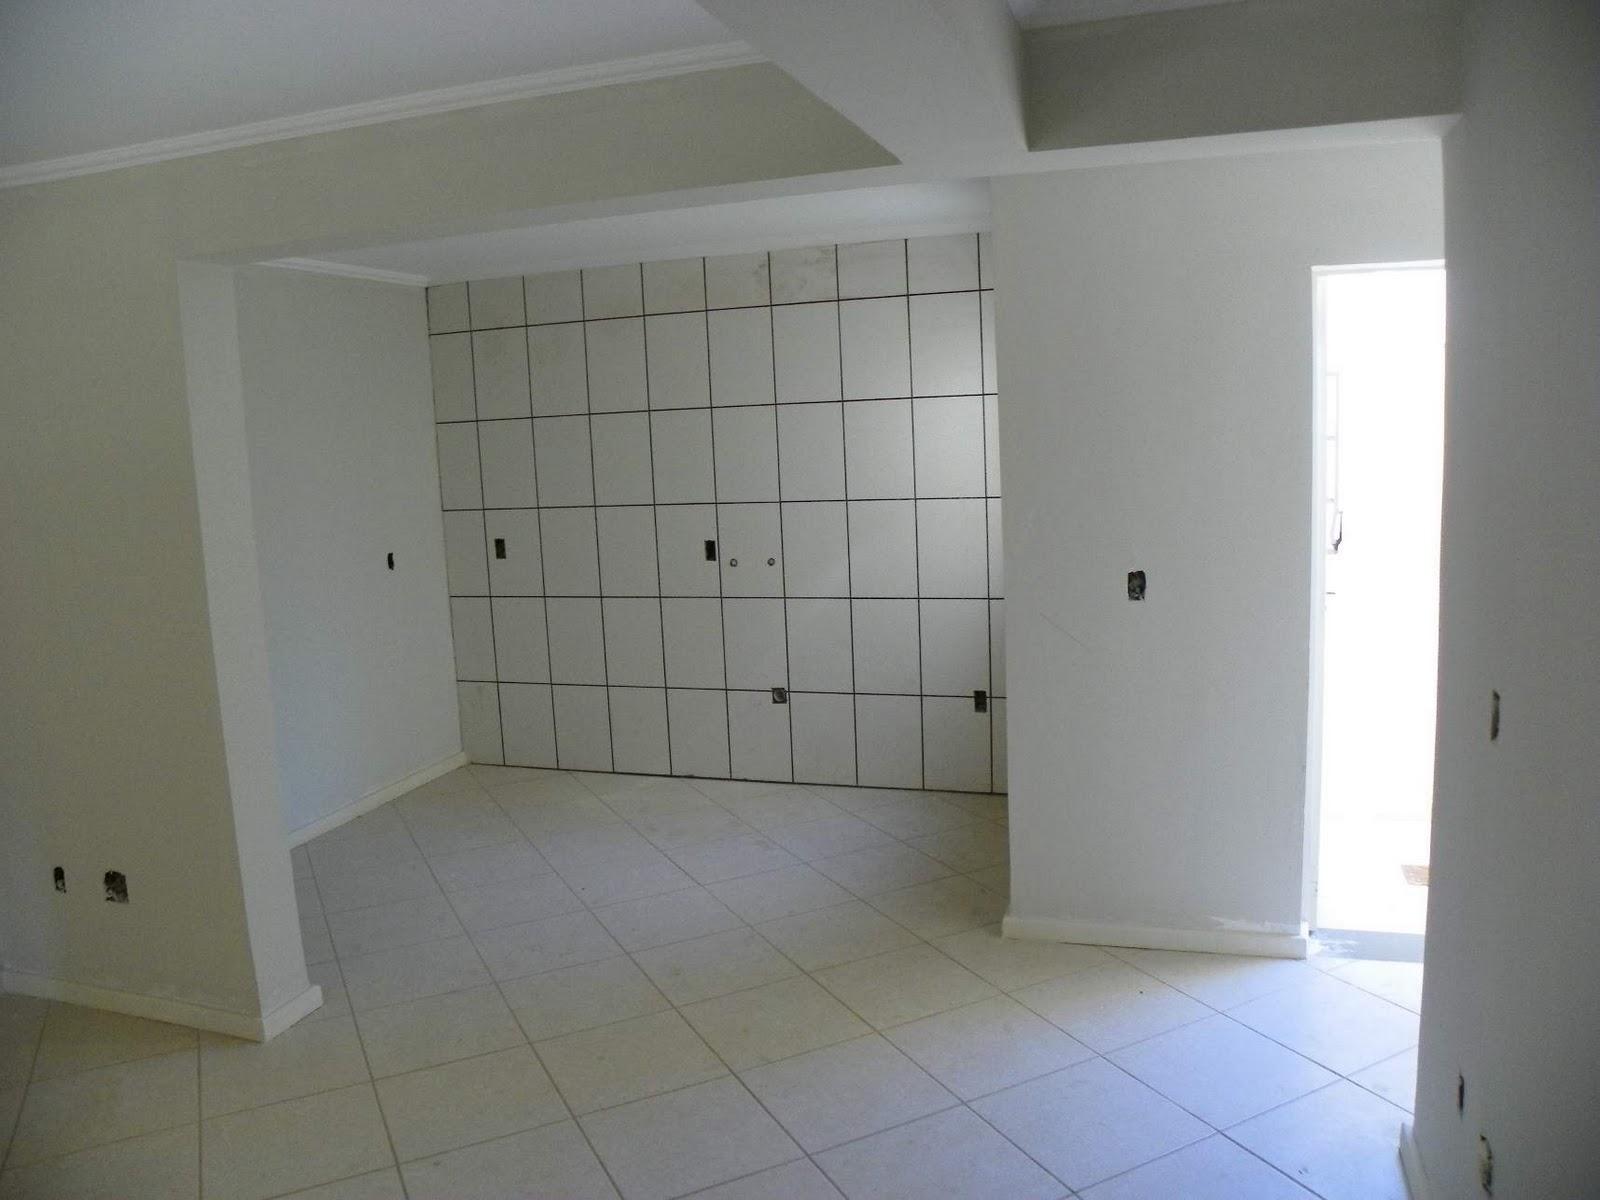 Segue abaixo algumas fotos mostrando um pouco mais dos sobrados #41598A 1600x1200 Banheiro Azulejo Ate O Teto